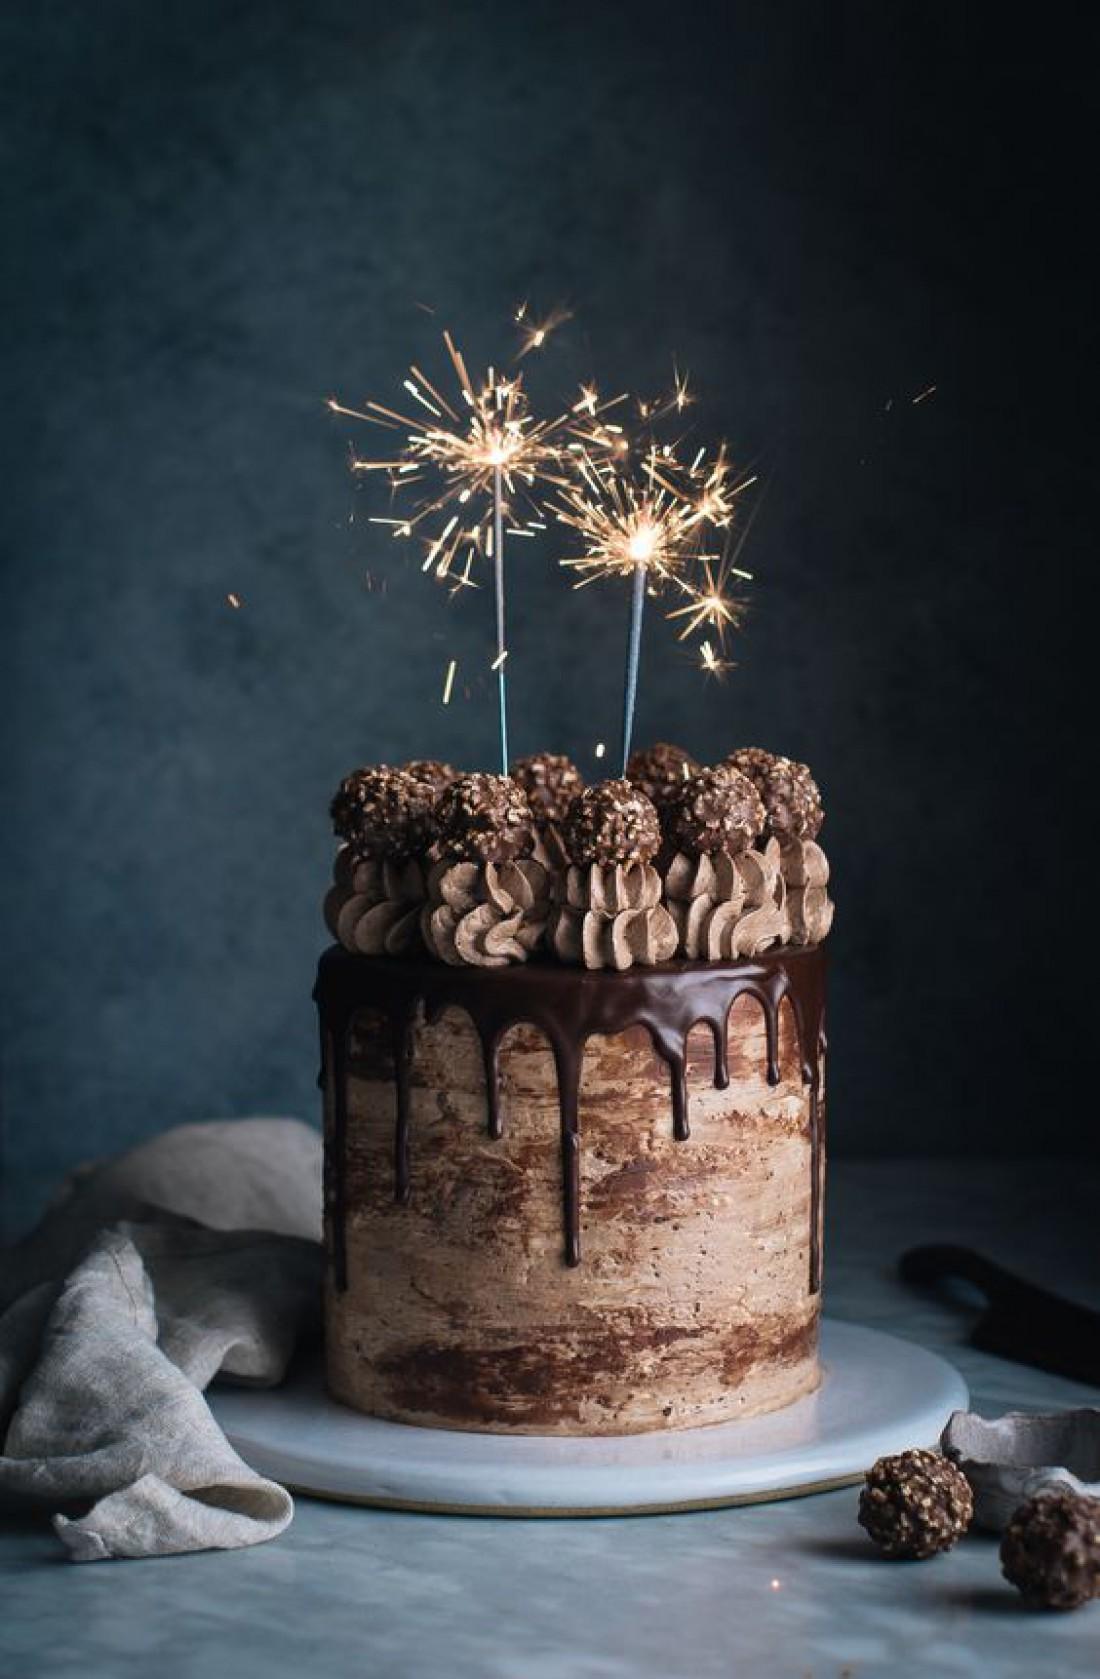 Шоколадный торт далеко не всегда такой вкусный, каким мы его себе представляем